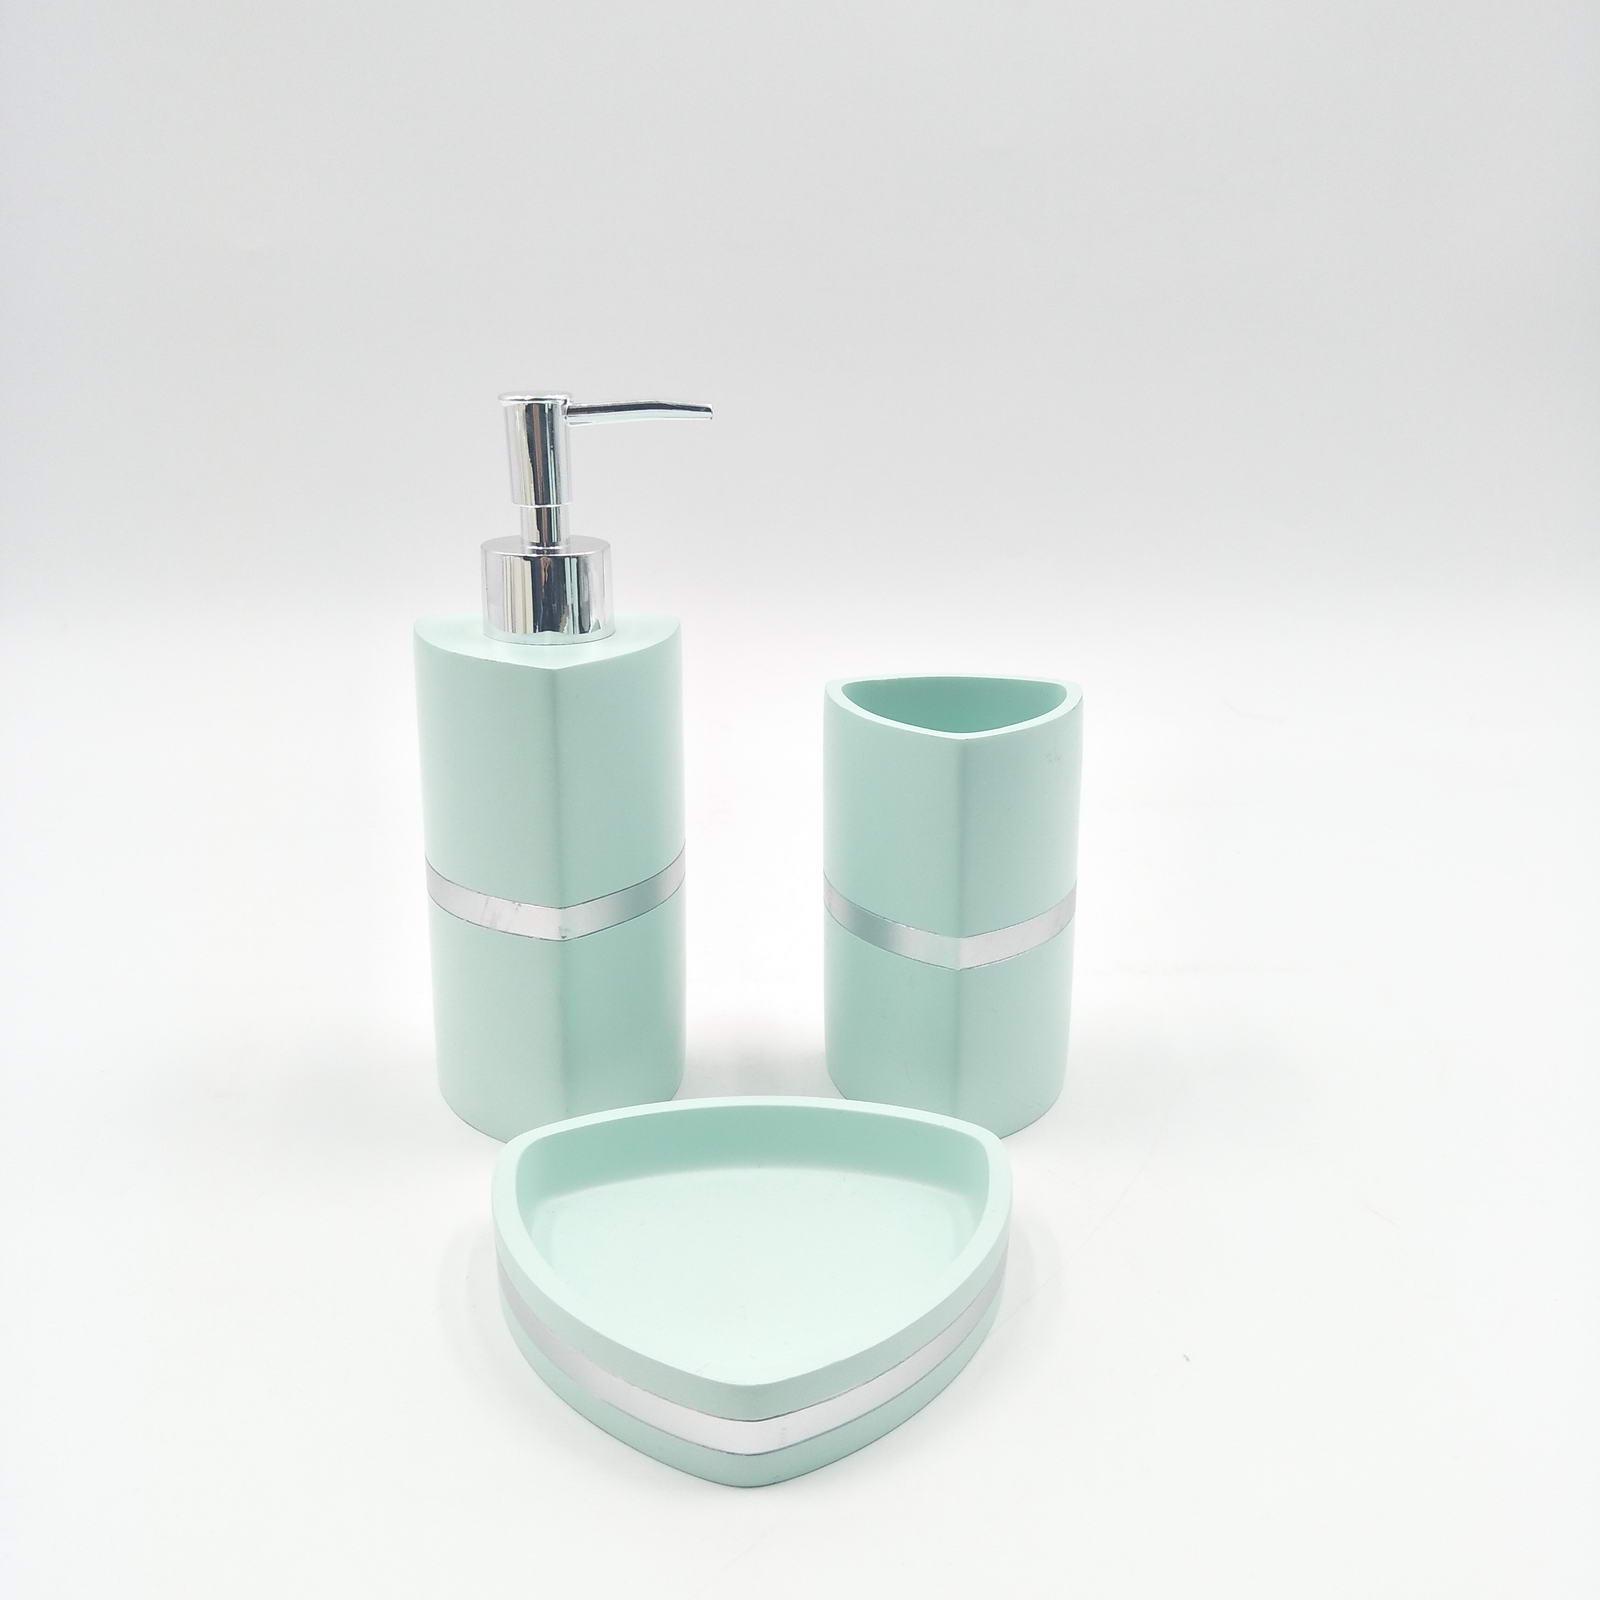 Набор для ванной комнаты Sofi de Marko ВК-55-менМ, ВК-55-менМ, бирюзовый